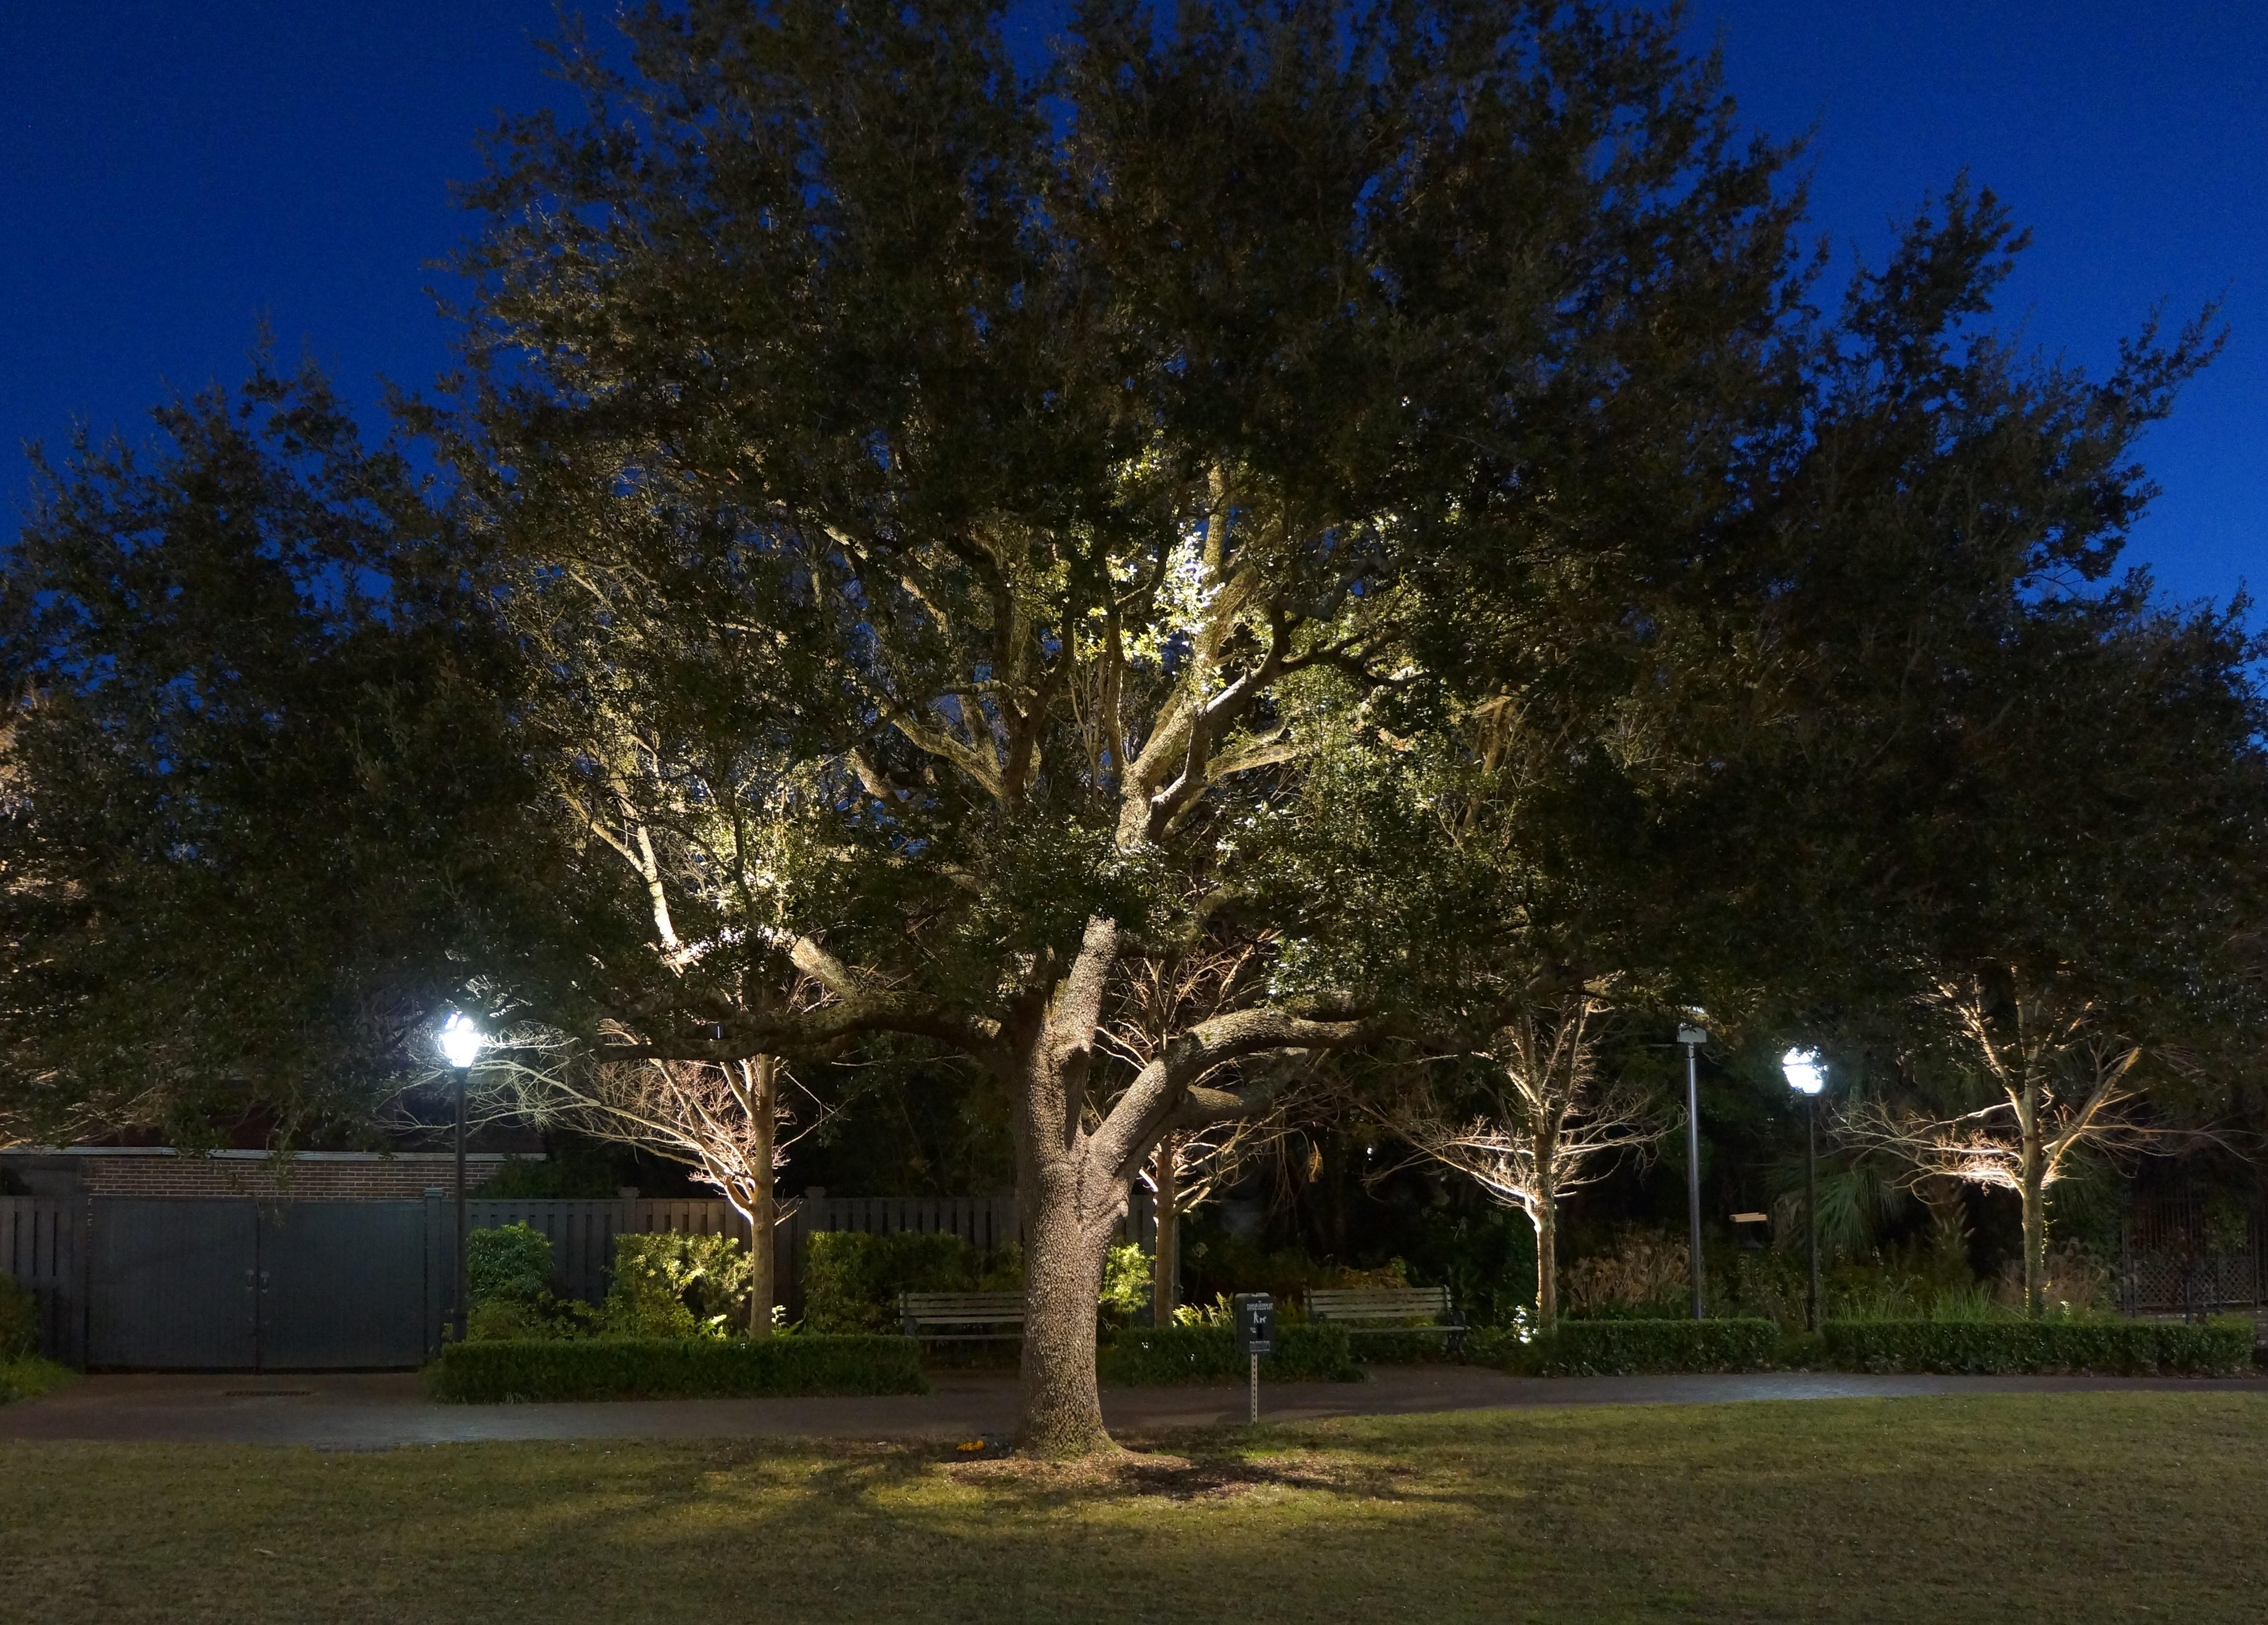 How Do You Light A Tree